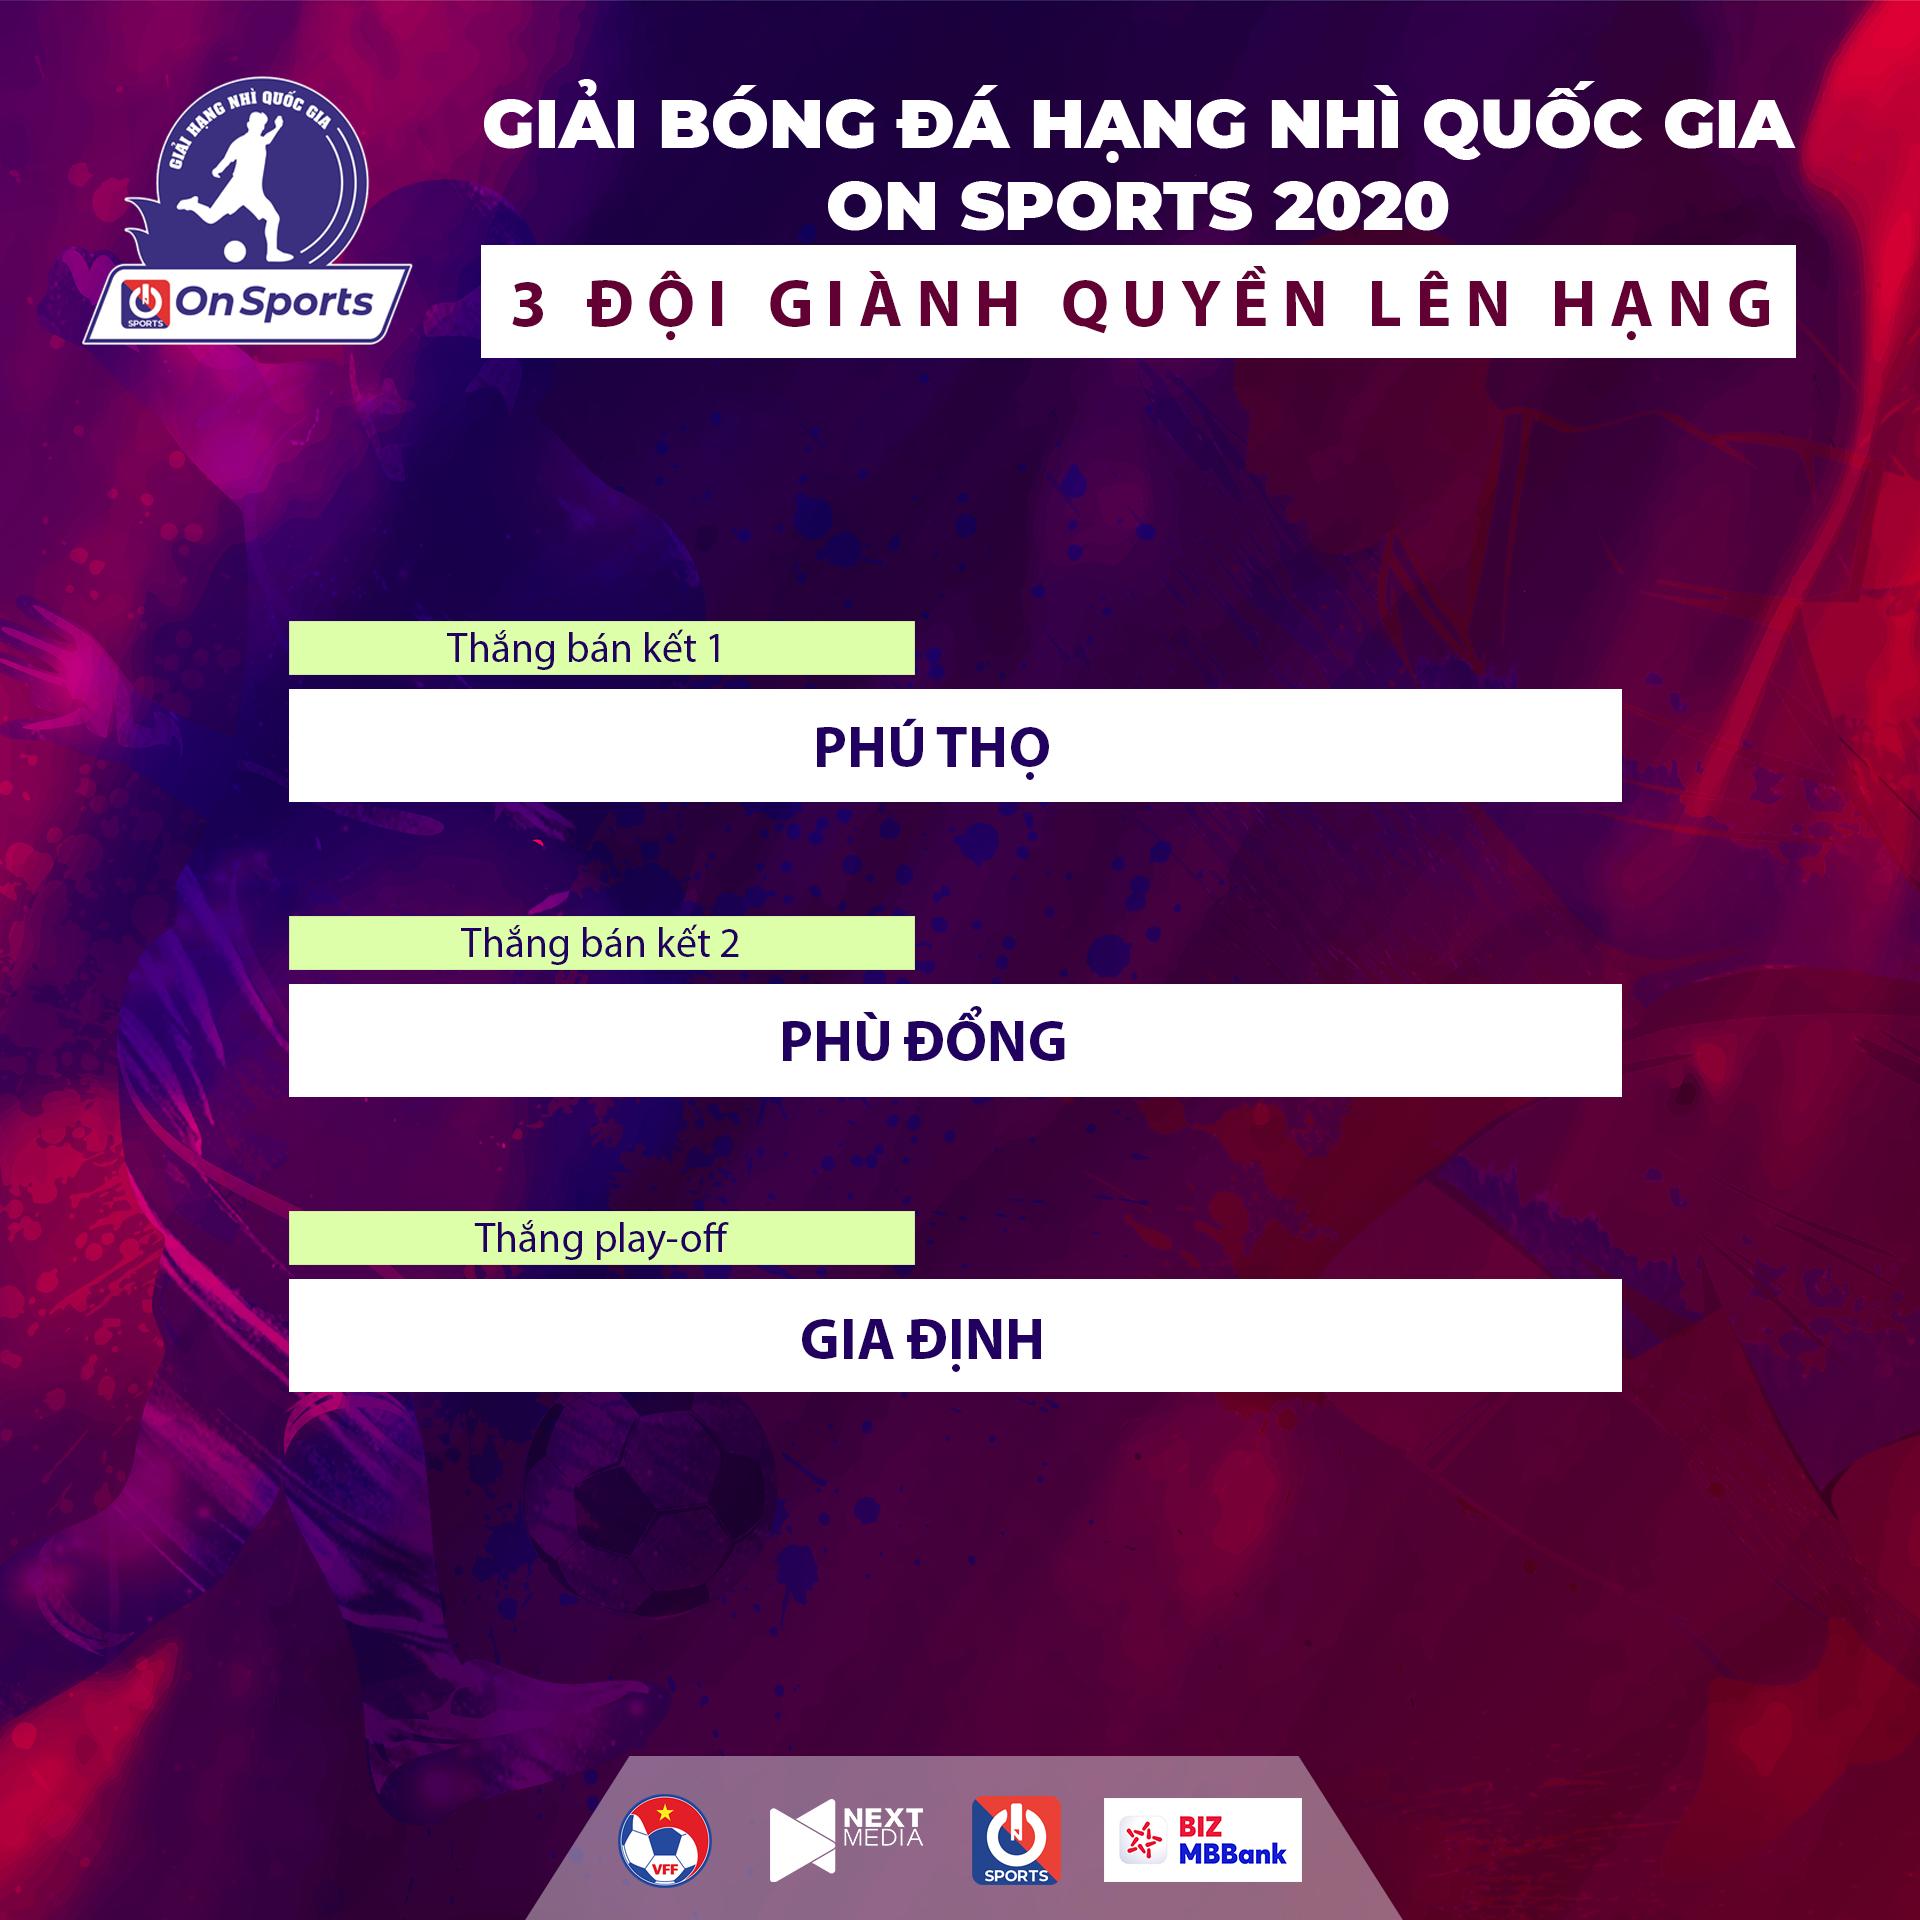 Phú Thọ, Phù Đổng, Gia Định xứng đáng thăng hạng, lên chơi giải hạng nhất - Ảnh 1.